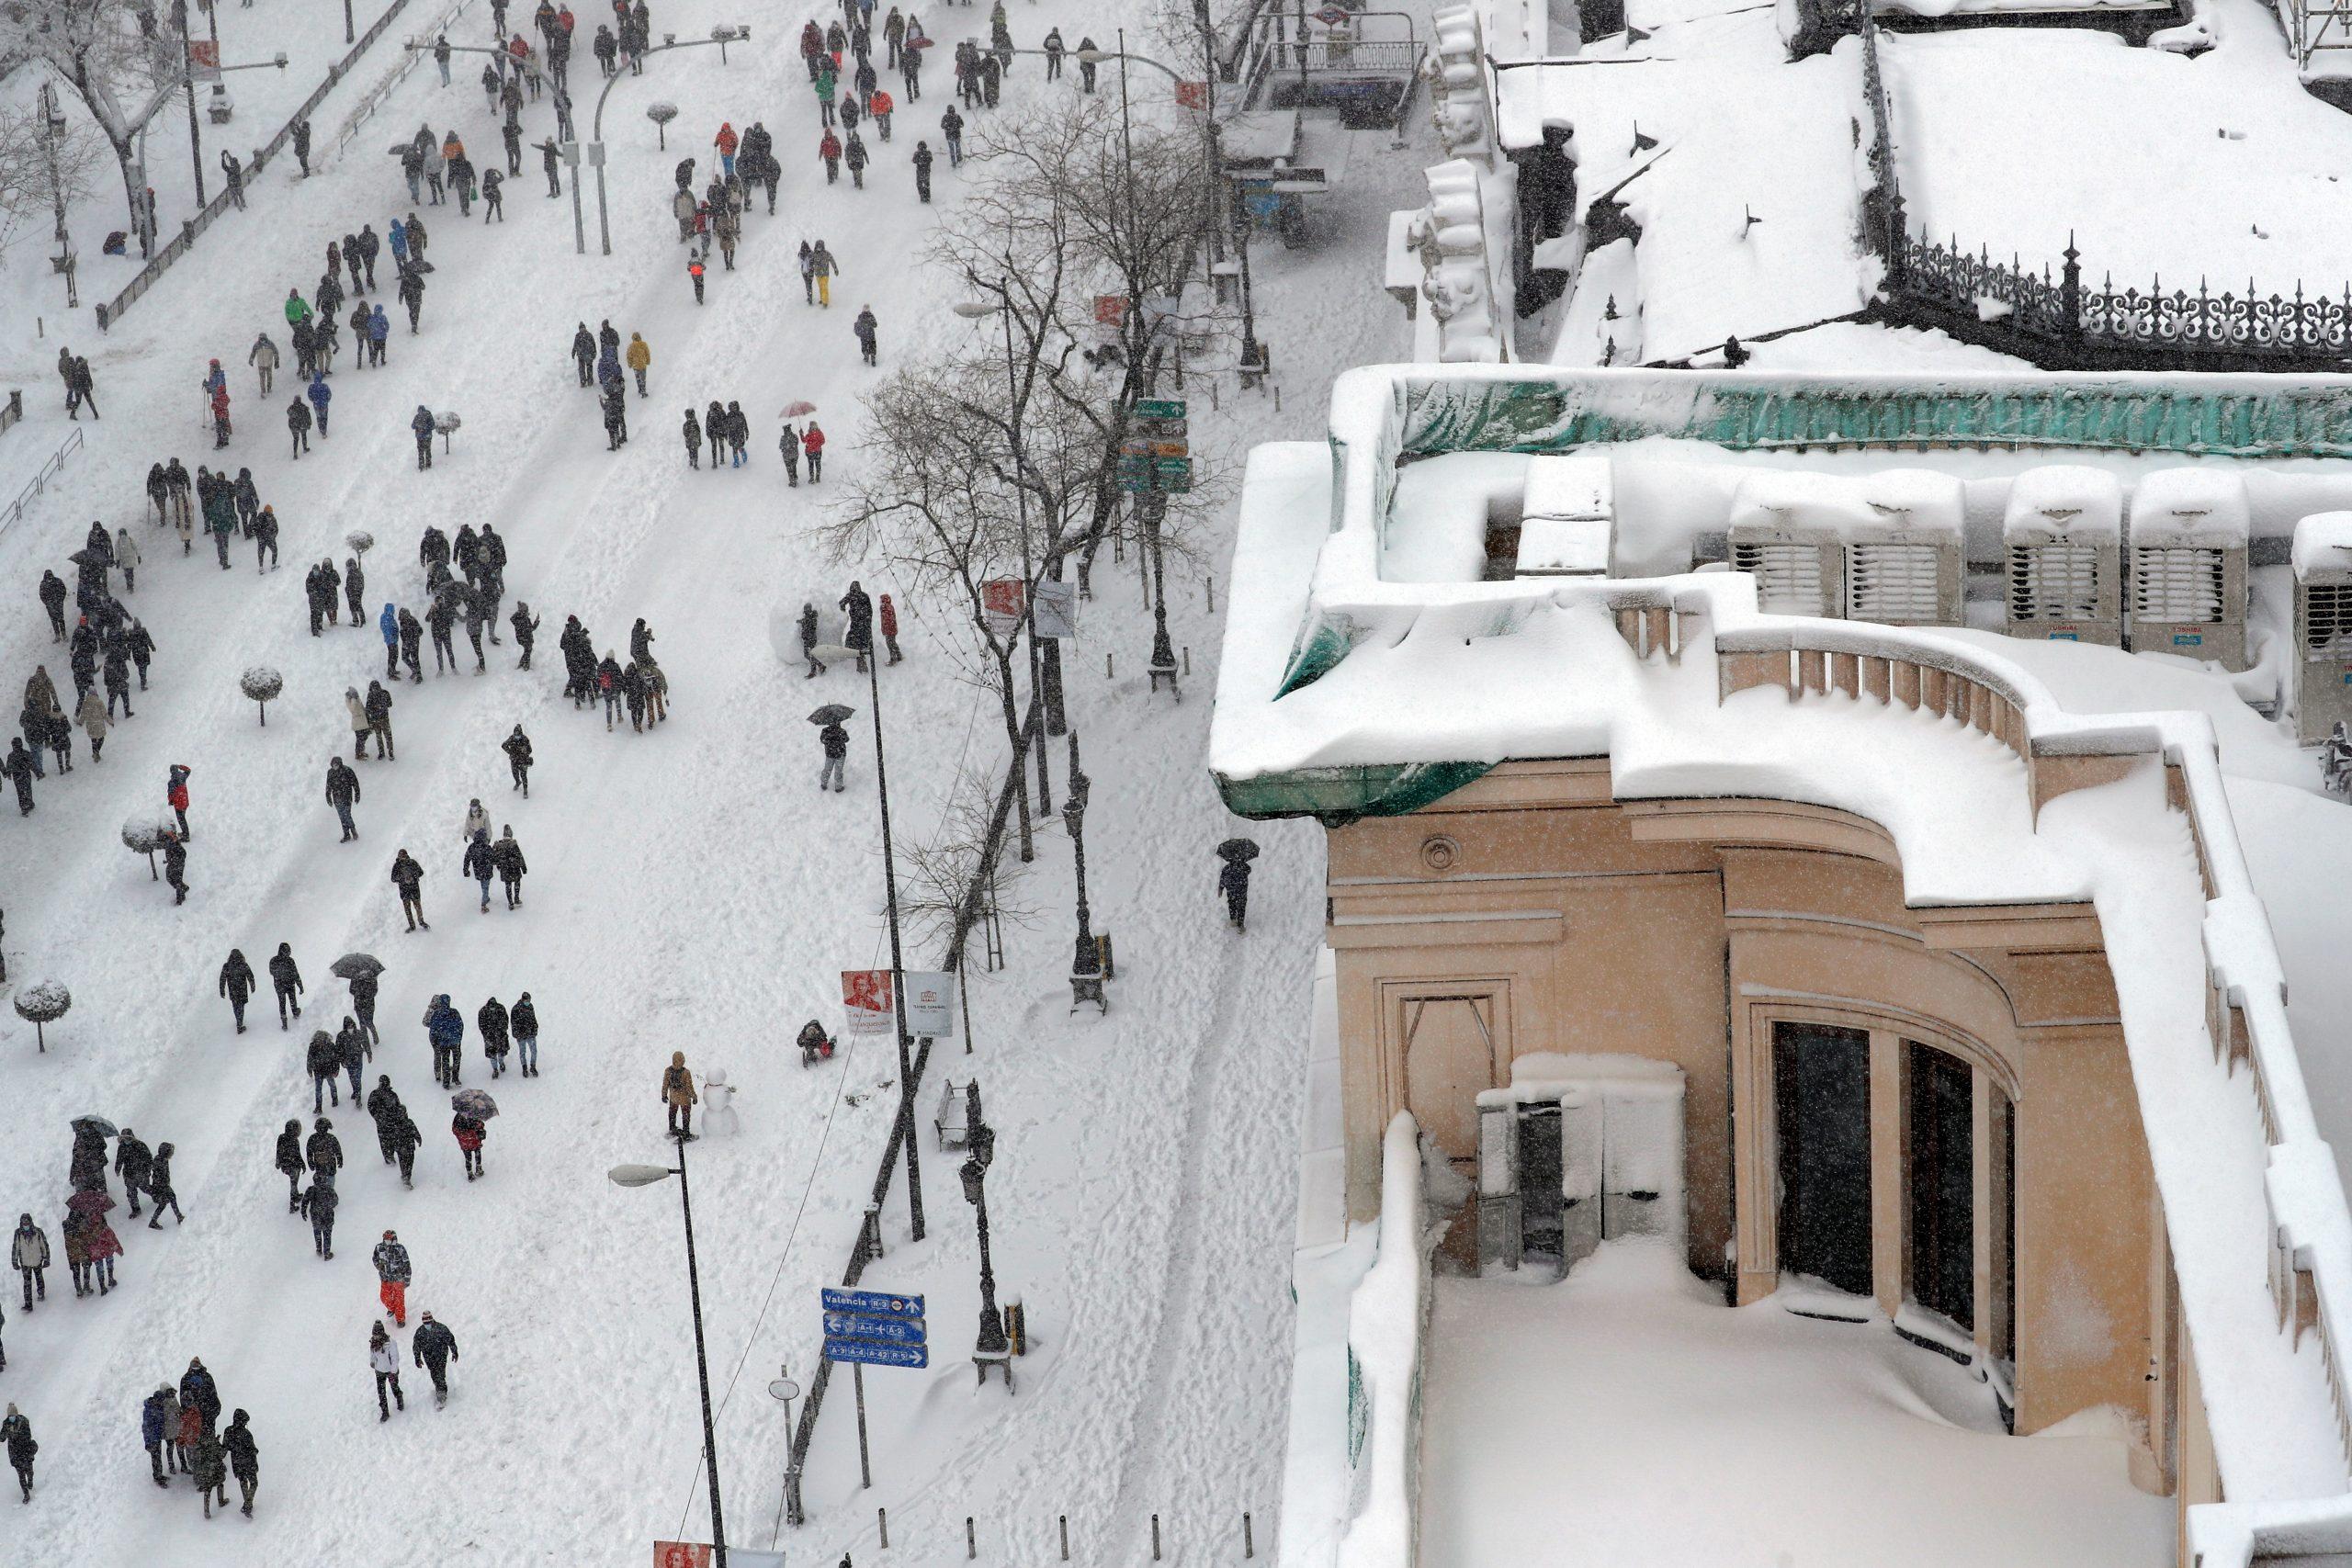 En imágenes: La histórica nevada en España por el paso de 'Filomena'